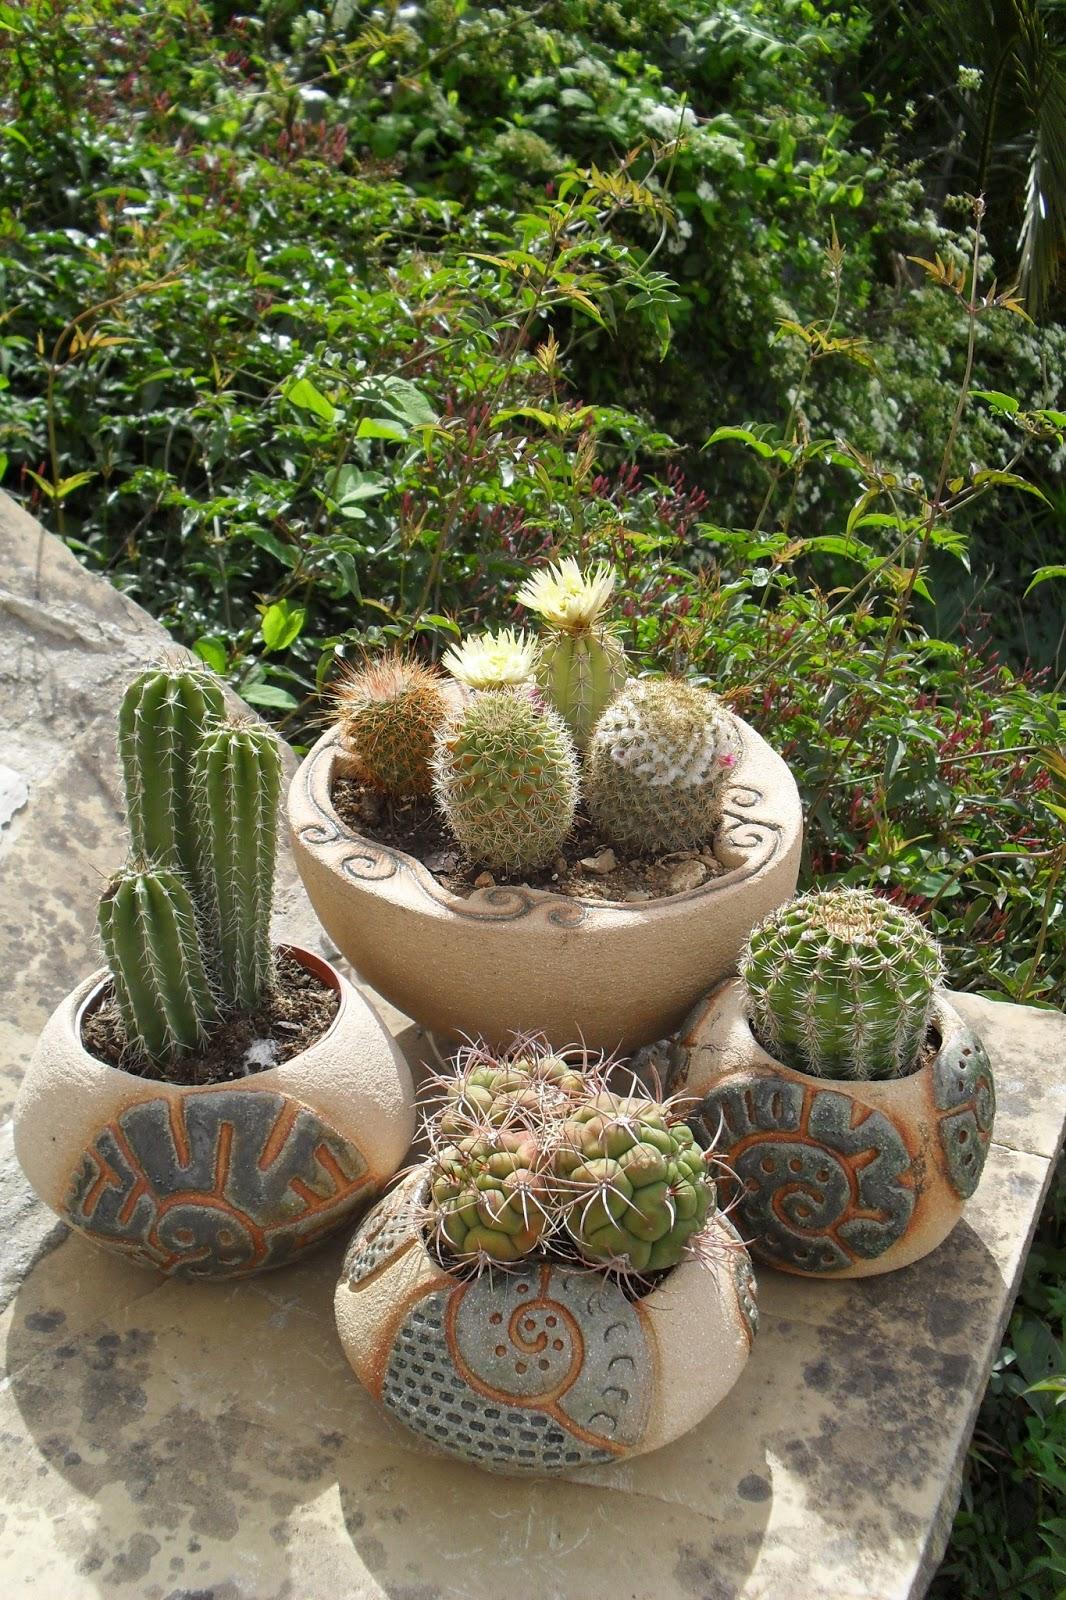 M s de 1000 im genes sobre garden en pinterest plantas y - Cactus en macetas pequenas ...